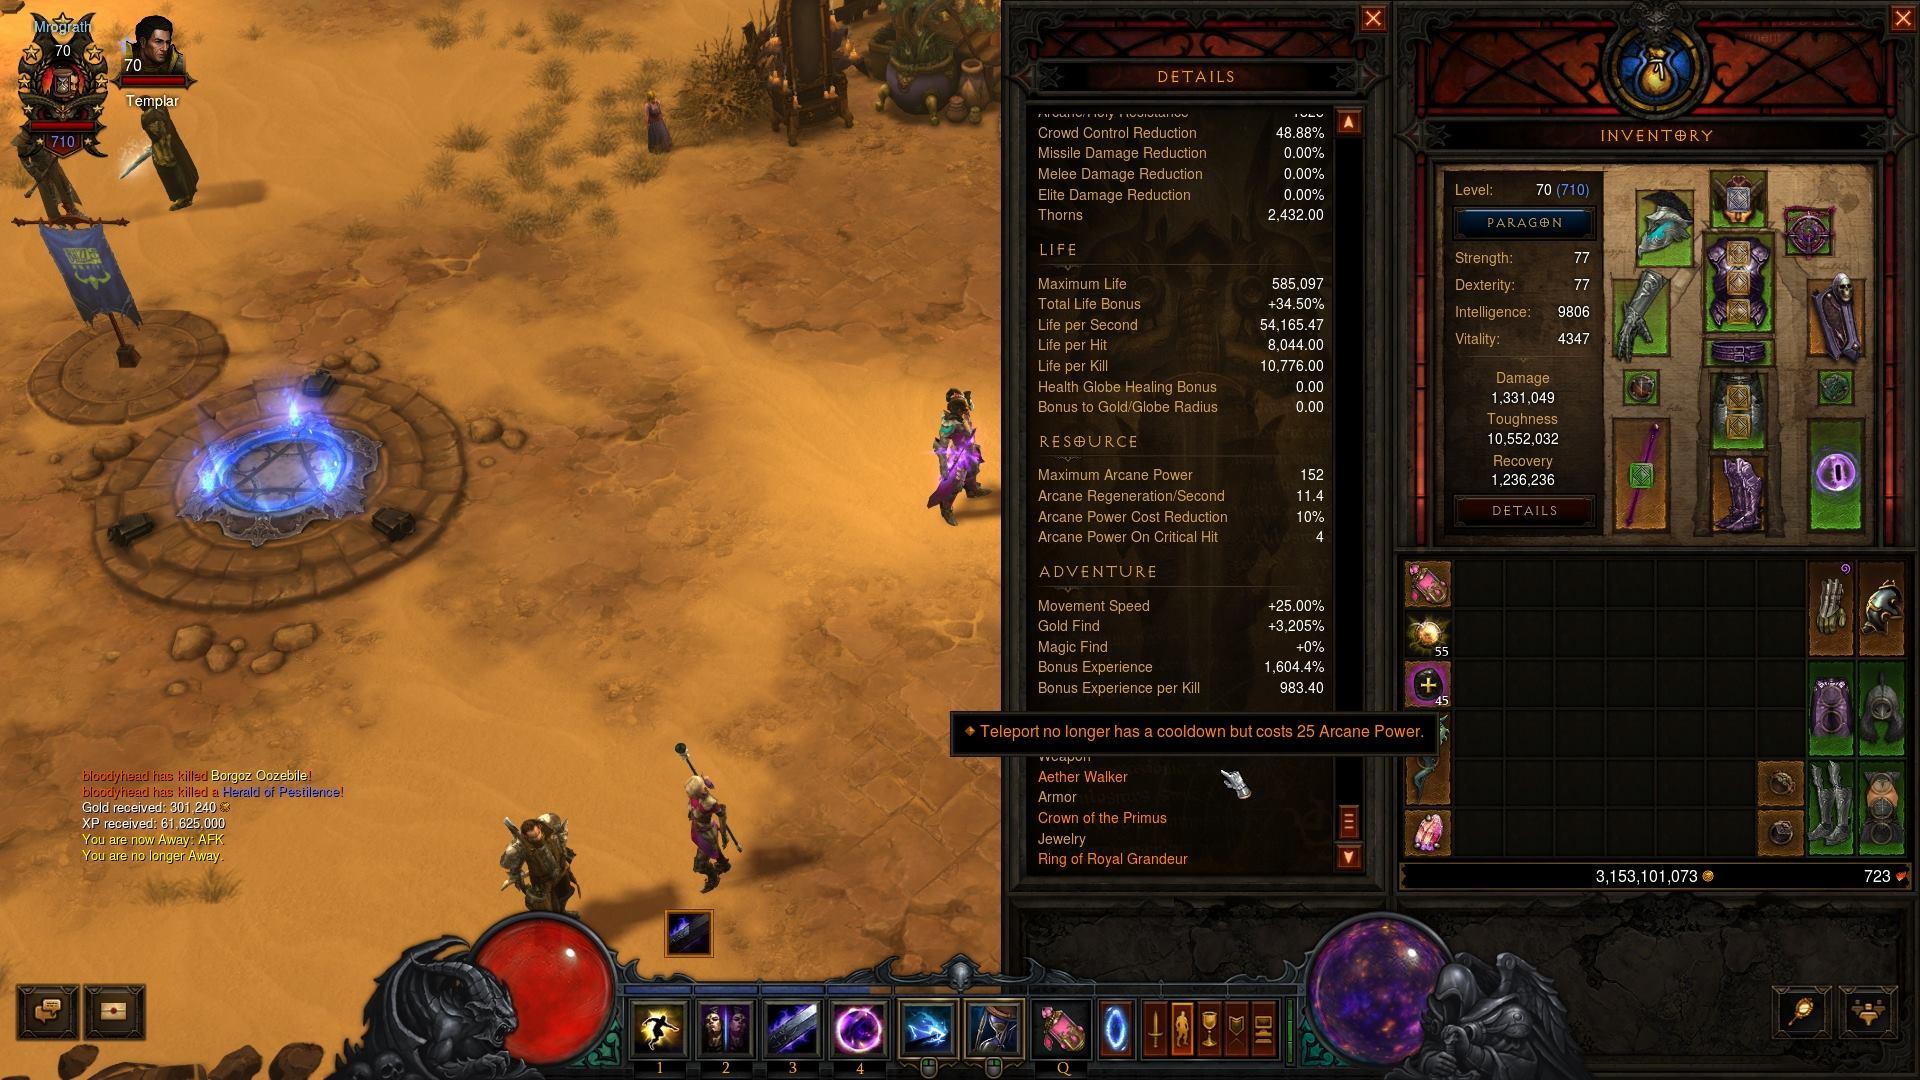 Diablo 3 Builds